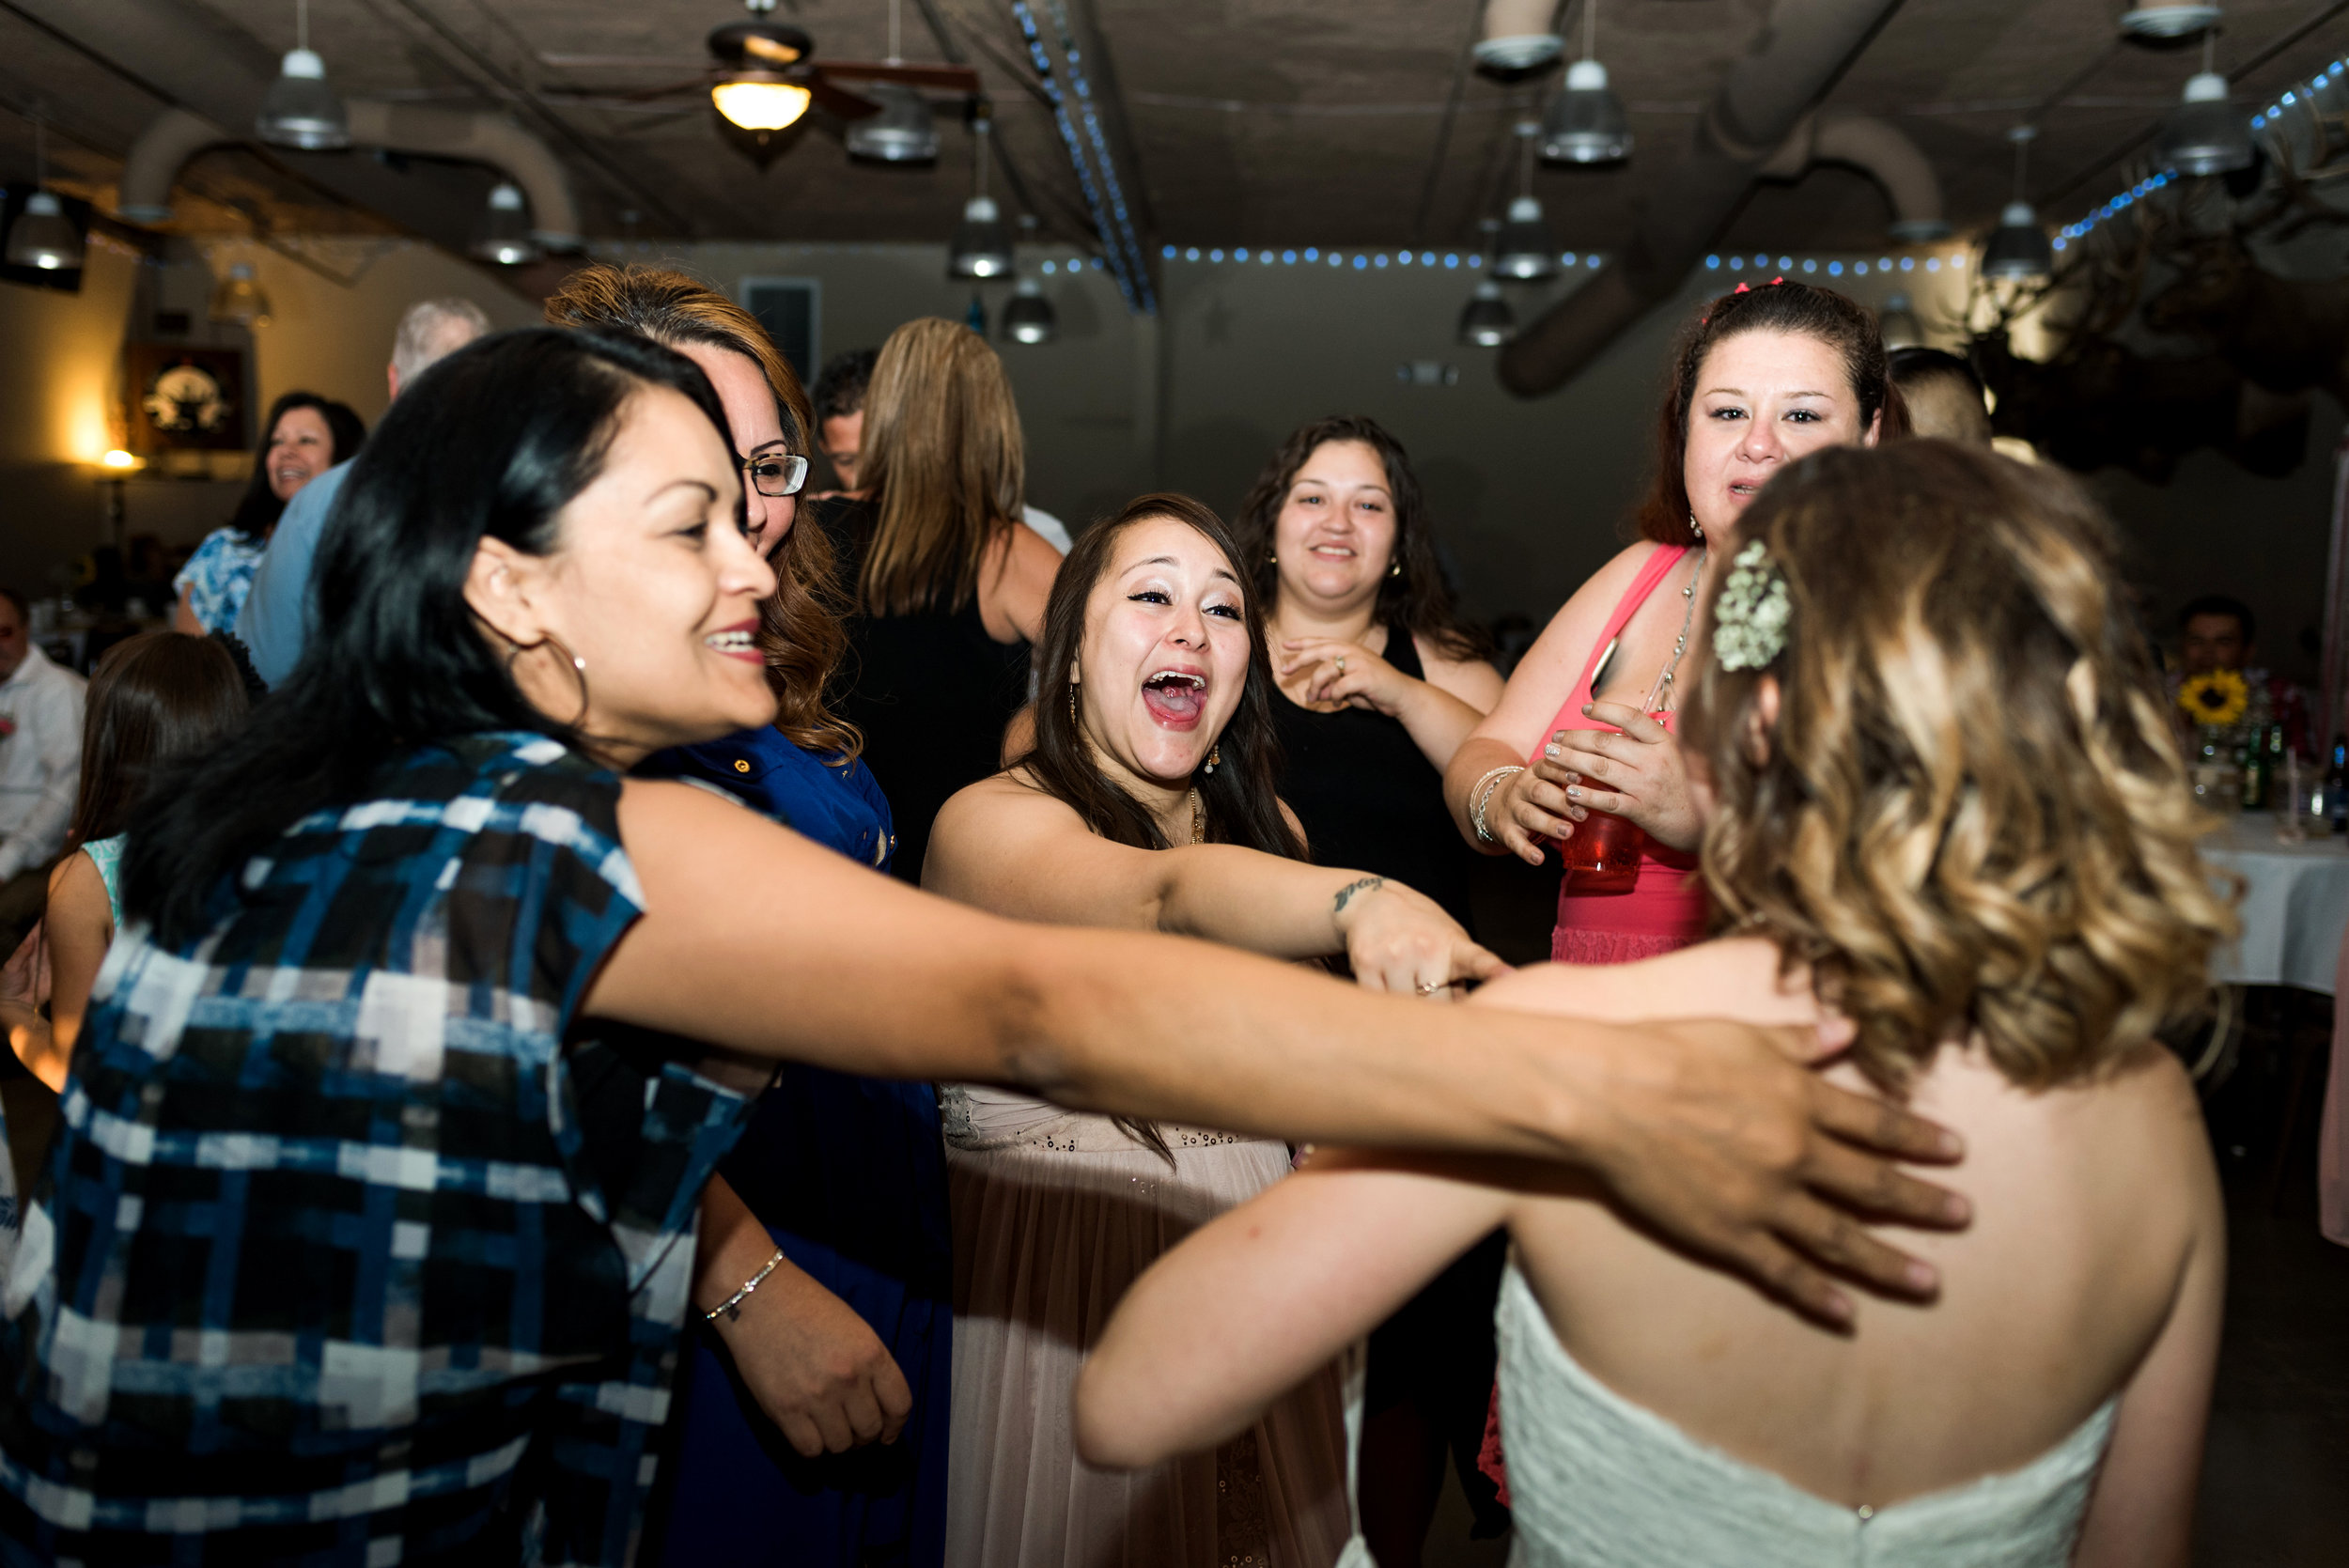 Fun reception for a wedding timeline